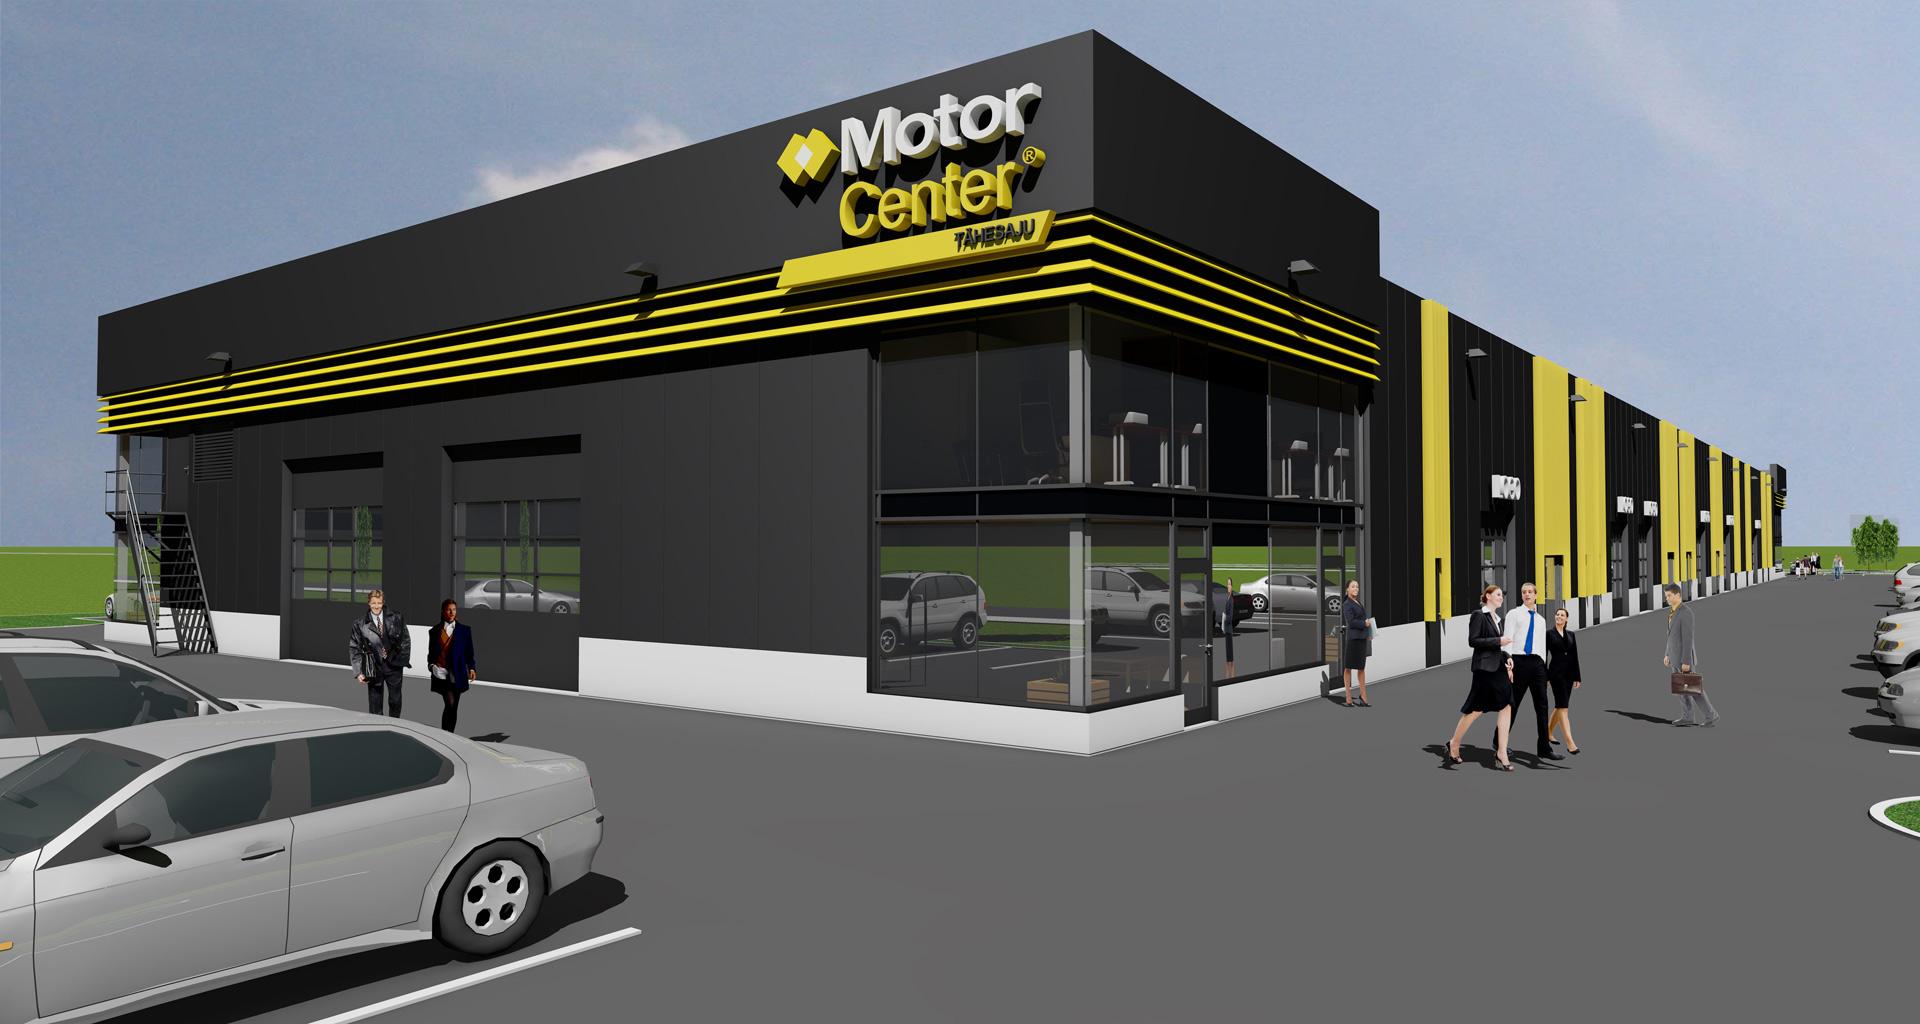 Lasnamäel algab MotorCenter Tähesaju ehitus